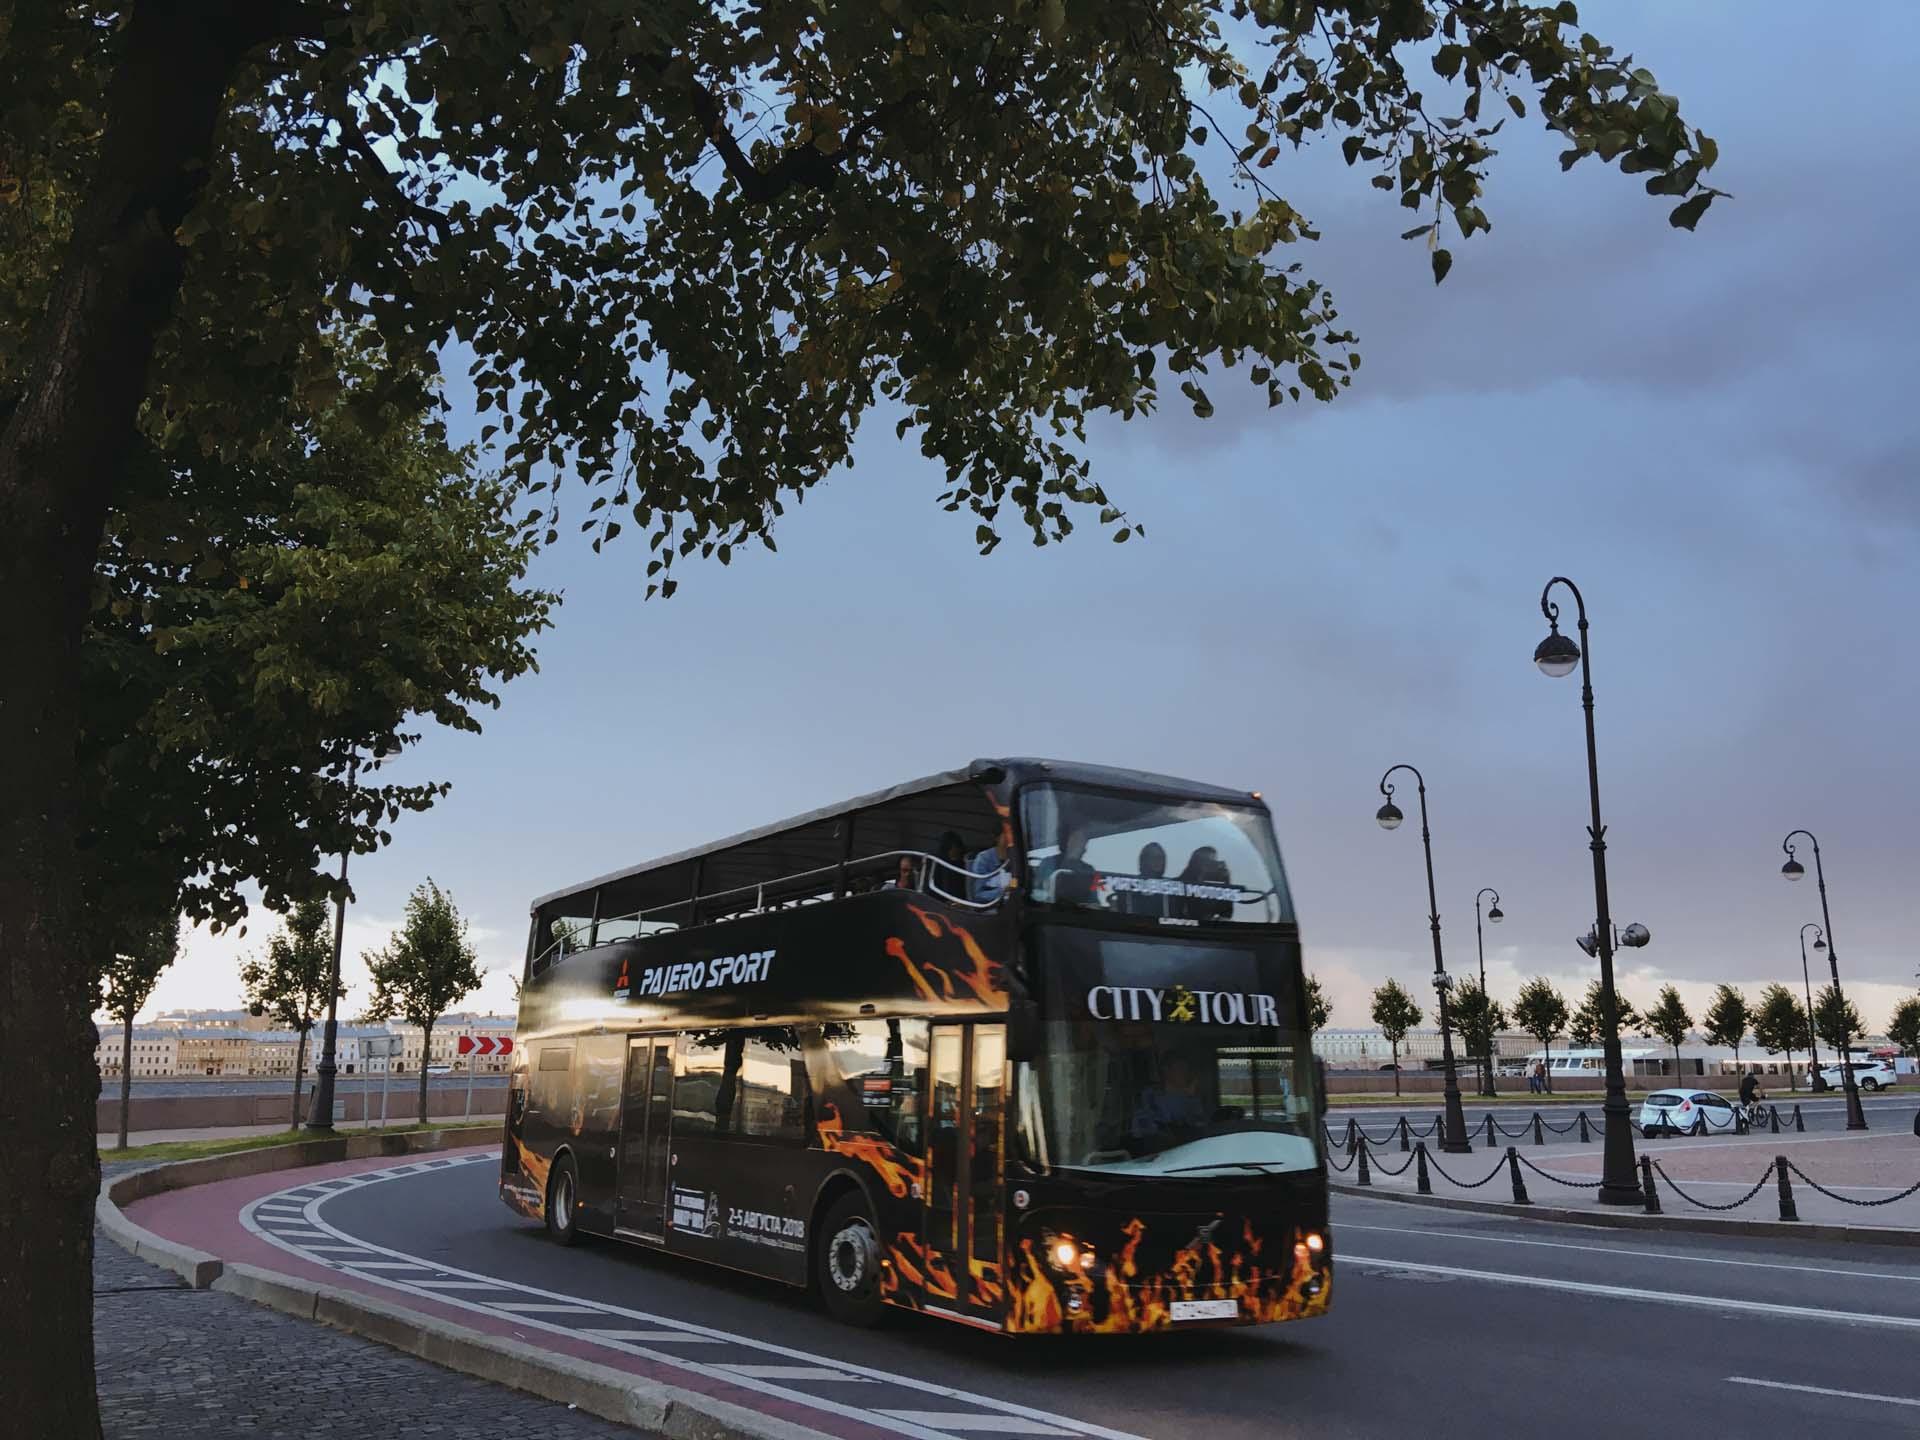 Двухэтажный автобус на набережной в Санкт-Петербурге